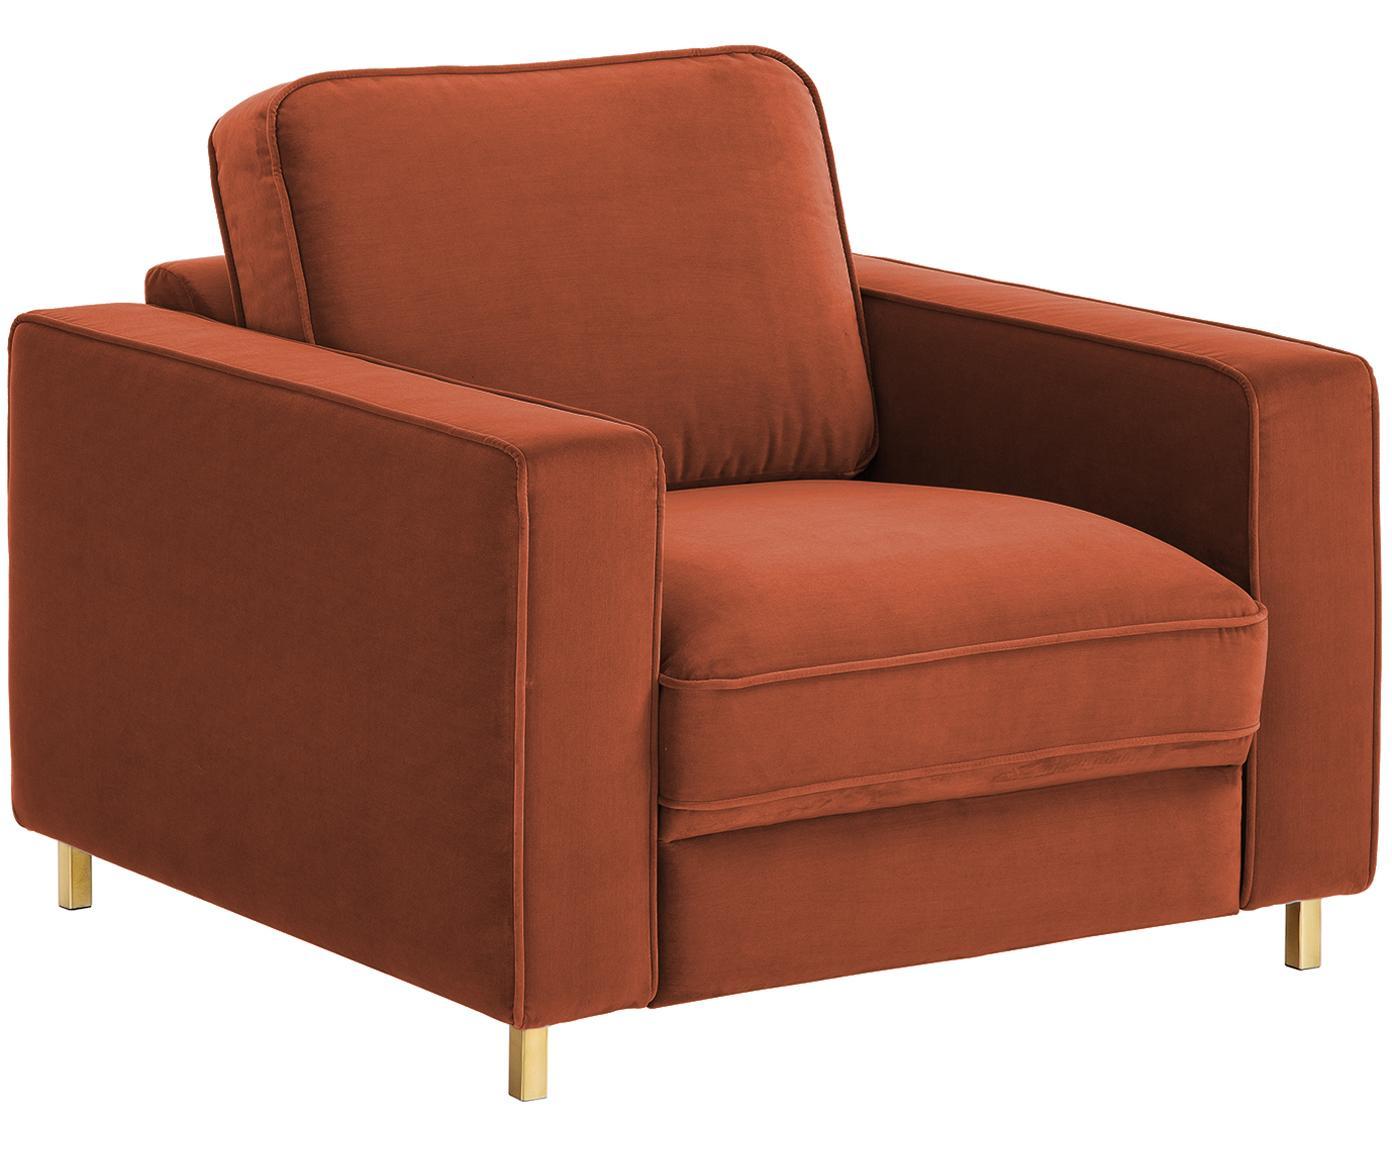 Fluwelen fauteuil Chelsea, Bekleding: fluweel (hoogwaardig poly, Frame: massief vurenhout, Poten: gecoat metaal, Roestrood, B 83 x D 93 cm